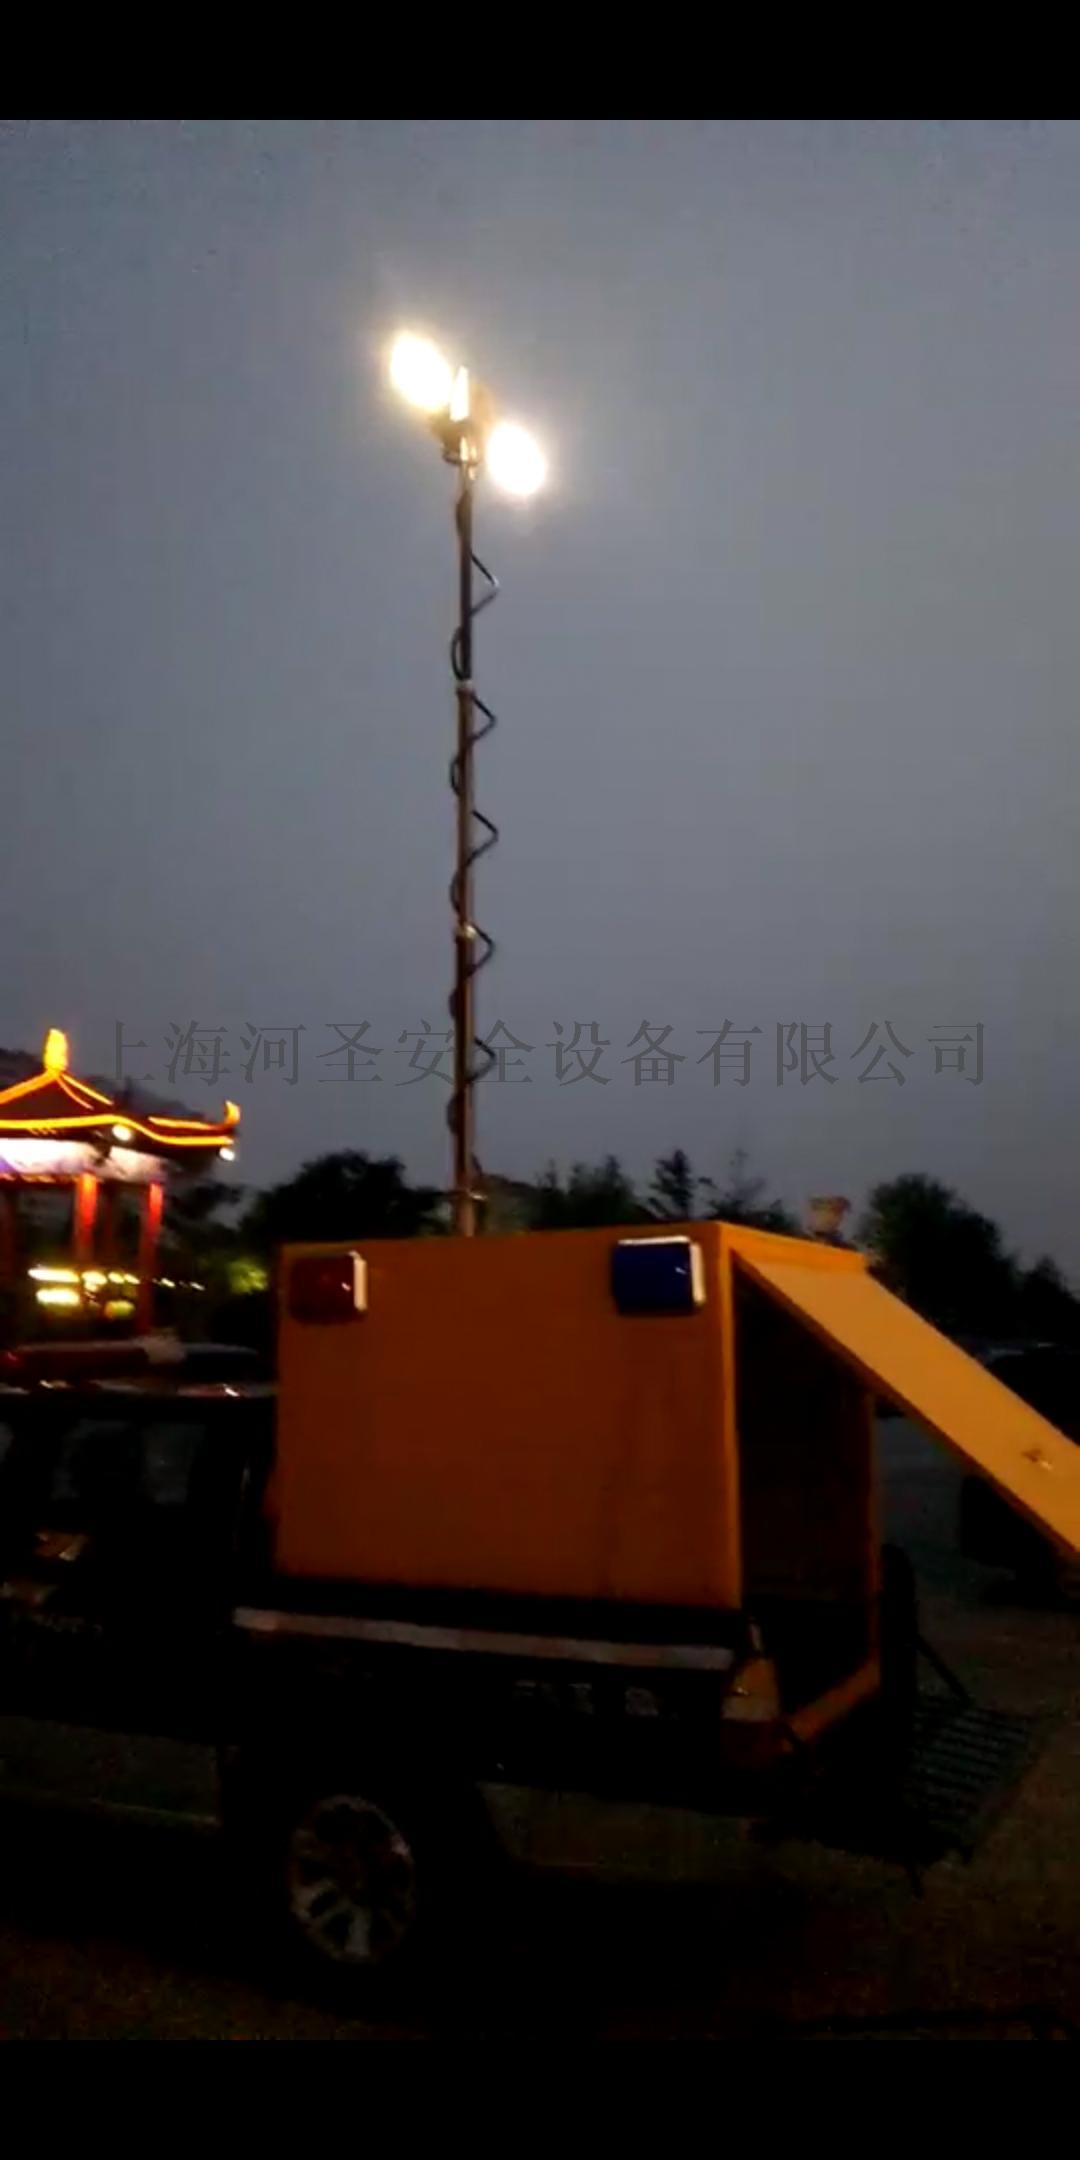 大功率升降照明燈 車載升降照明燈86543542